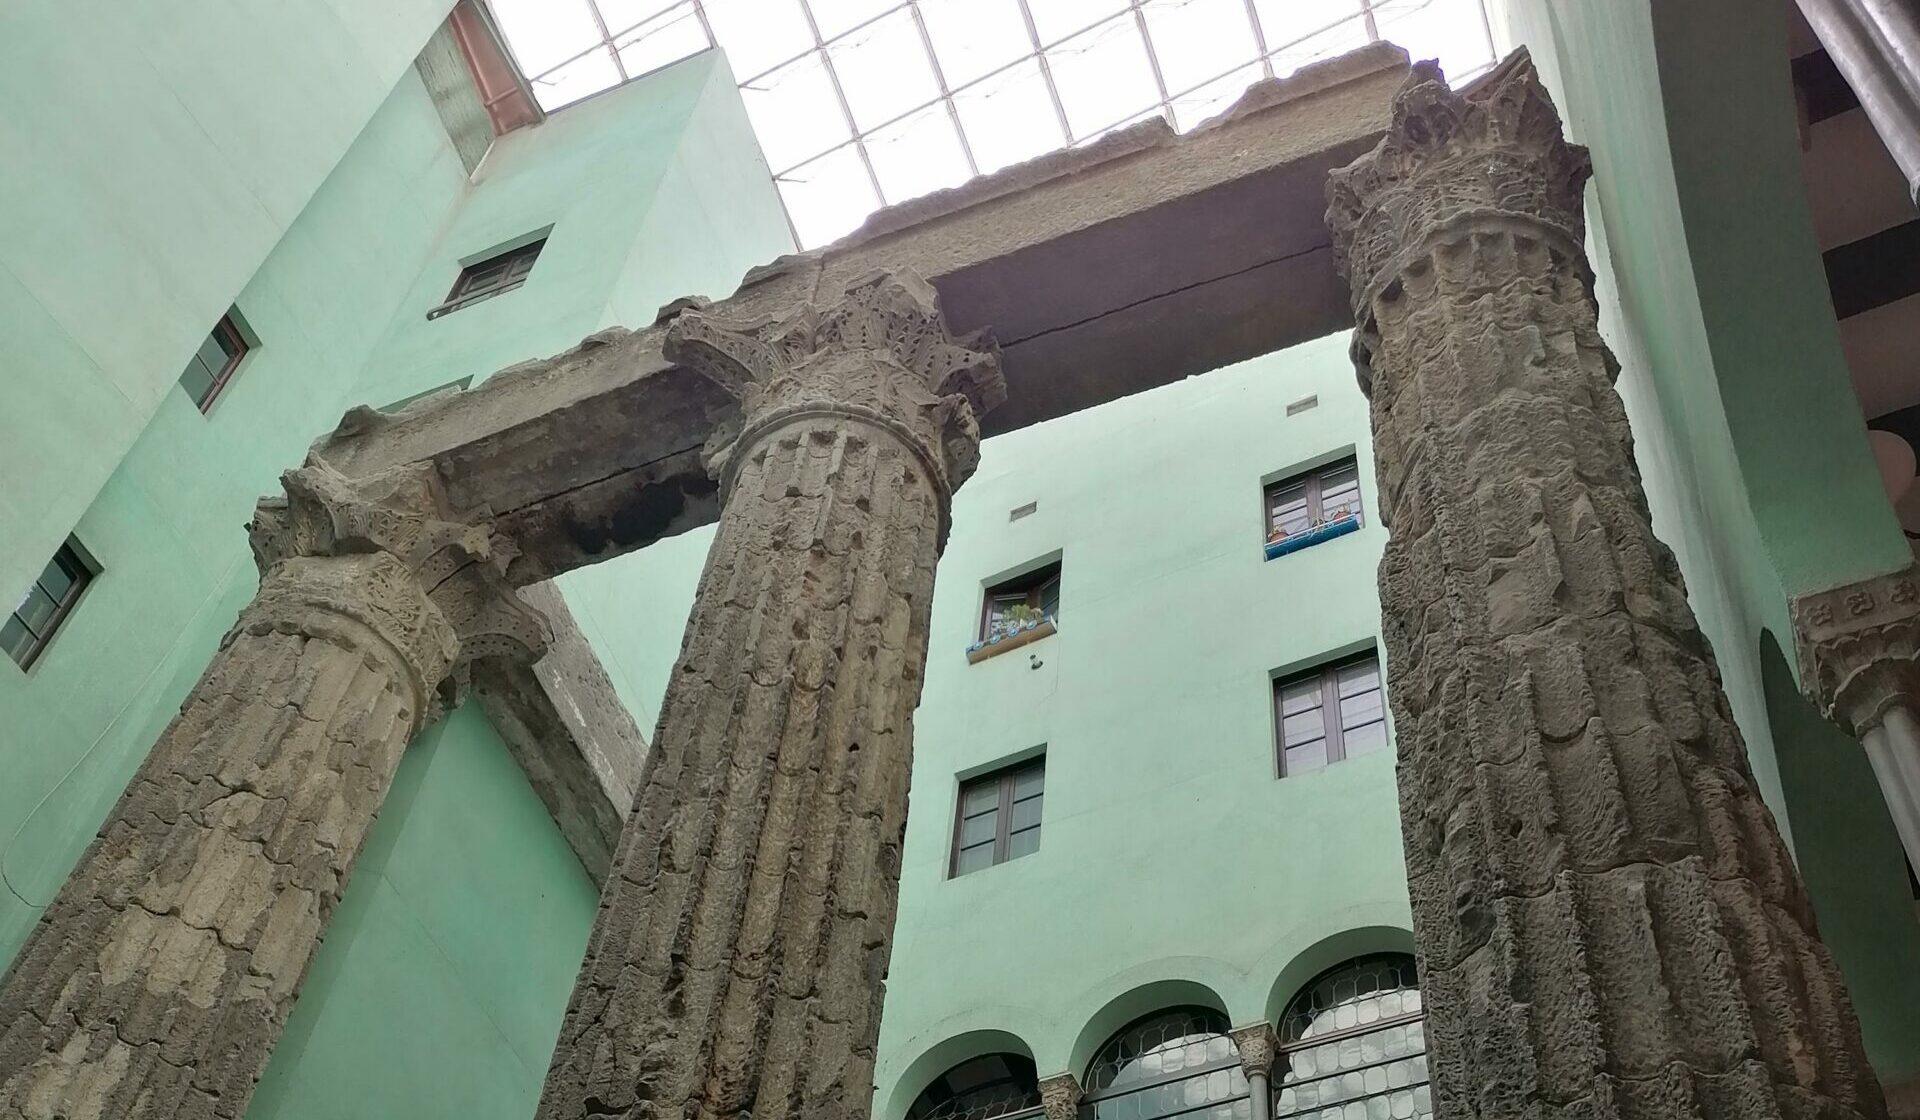 Les columnes del Temple d'August són el vestigi més icònic de la Barcelona romana / MMP